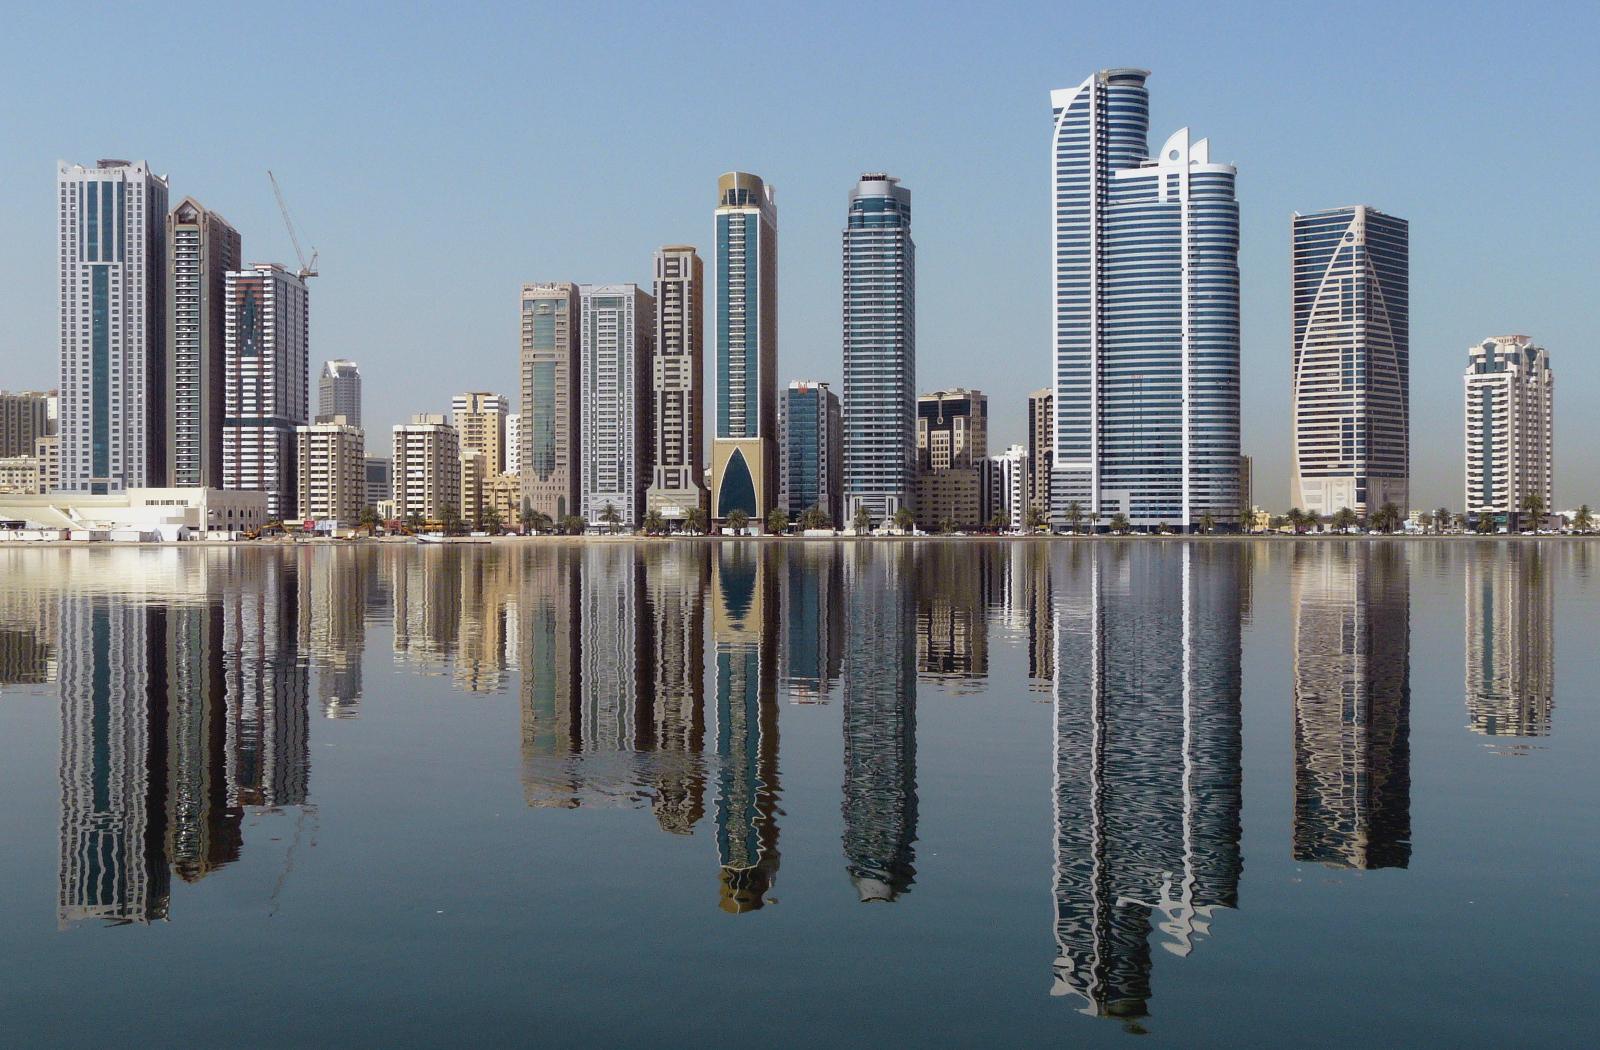 Dating ladyboys in United Arab Emirates - My Ladyboy Date